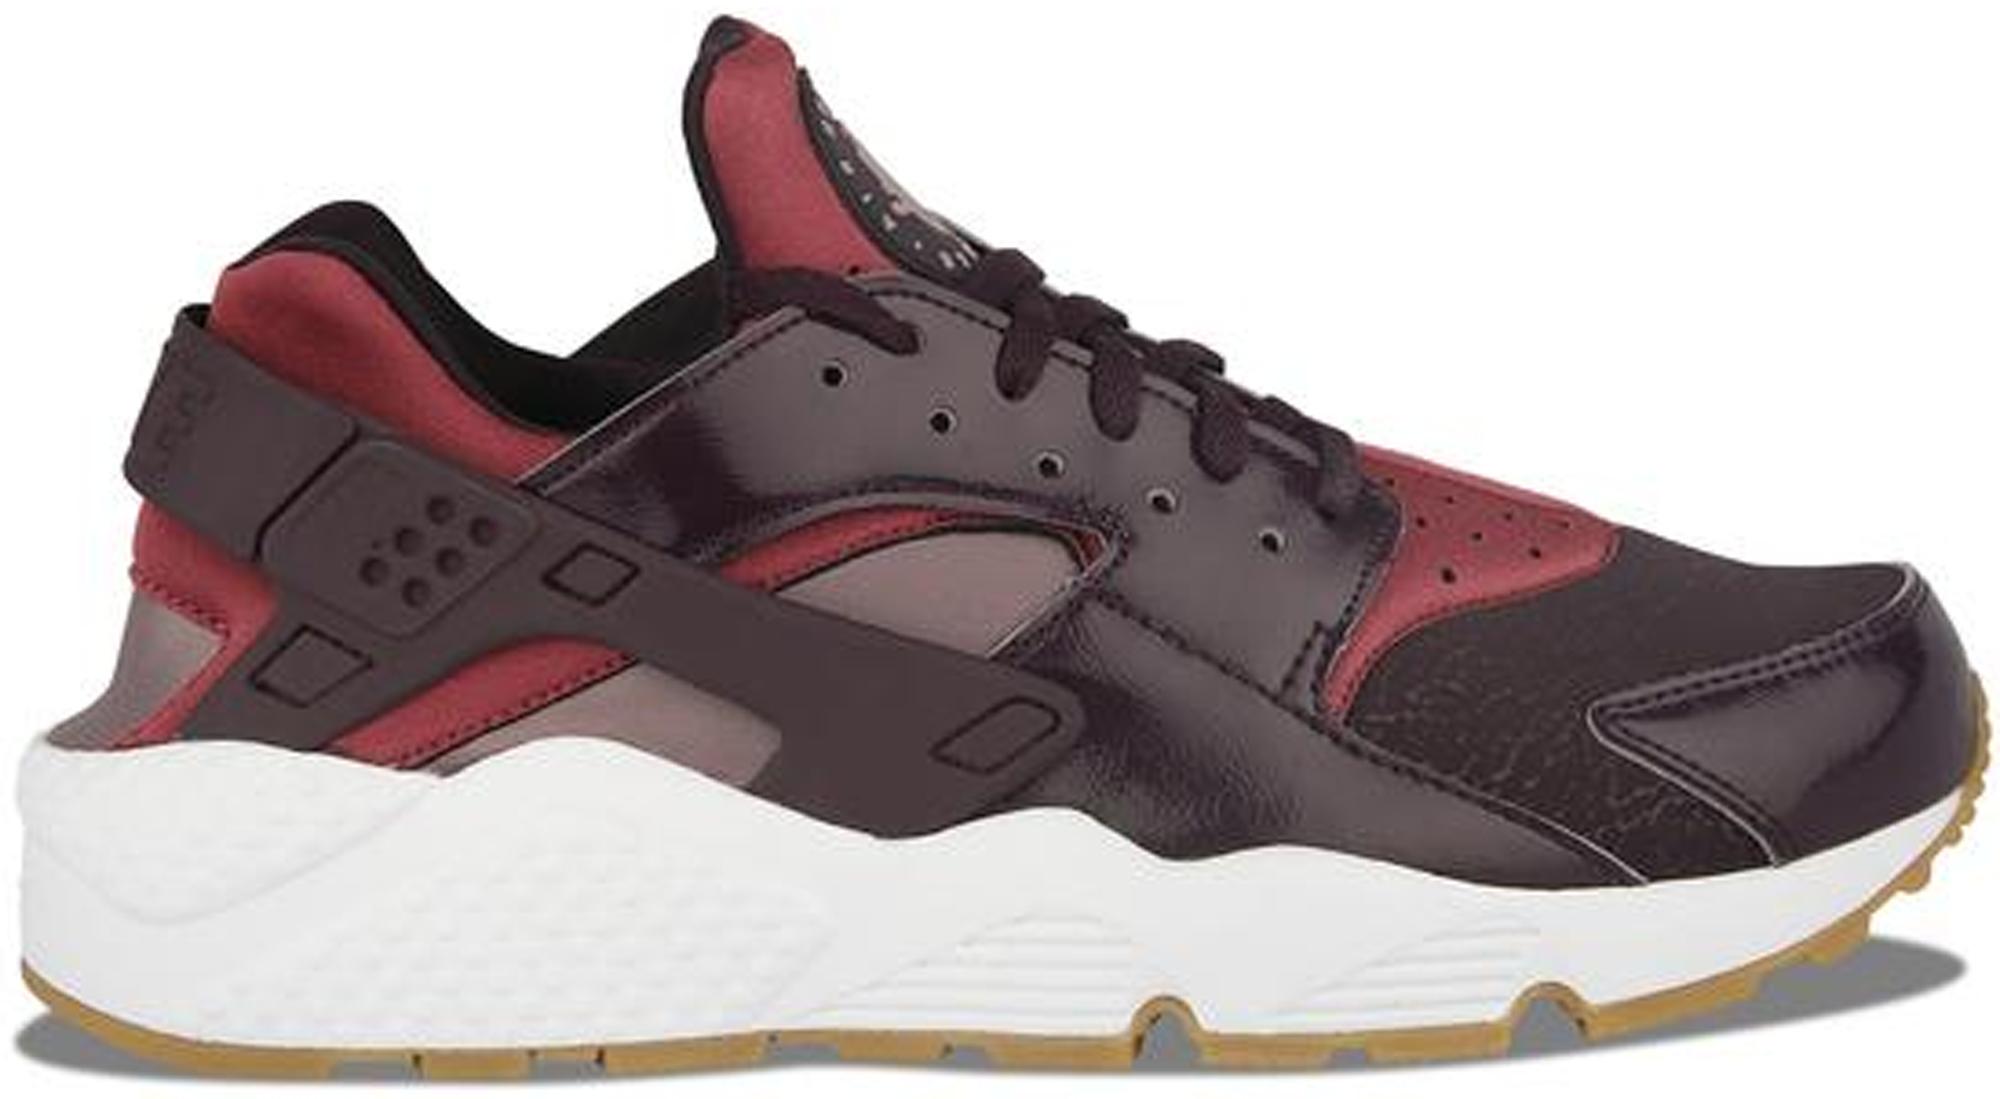 8154506416b Nike Huarache Cargo Khaki White Liza Sneakers